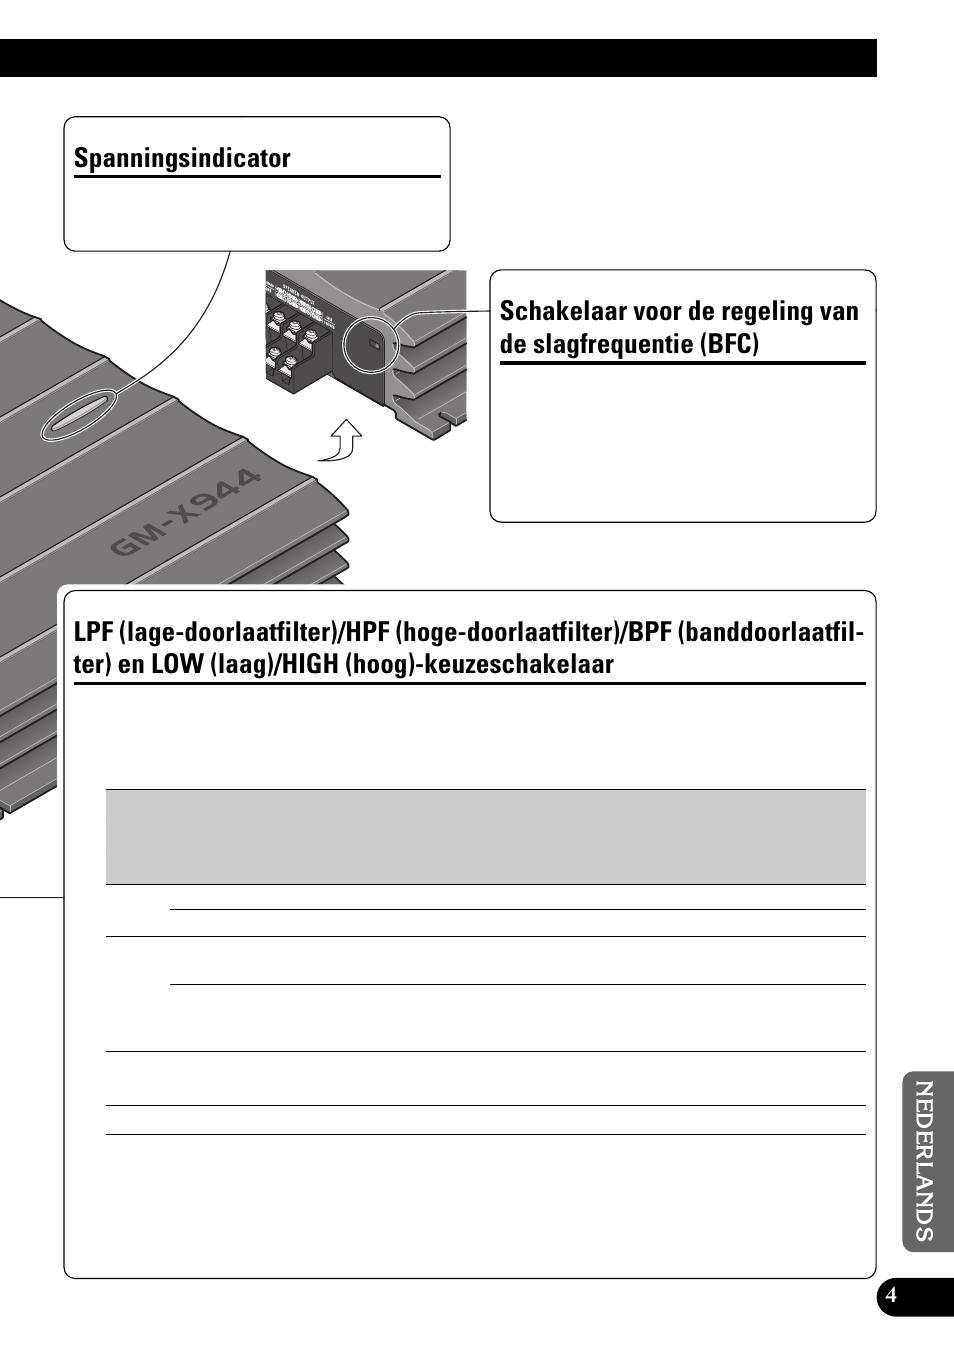 Slagfrequentie (bfc), Lpf (lage-doorlaatfilter)/hpf (hoge,